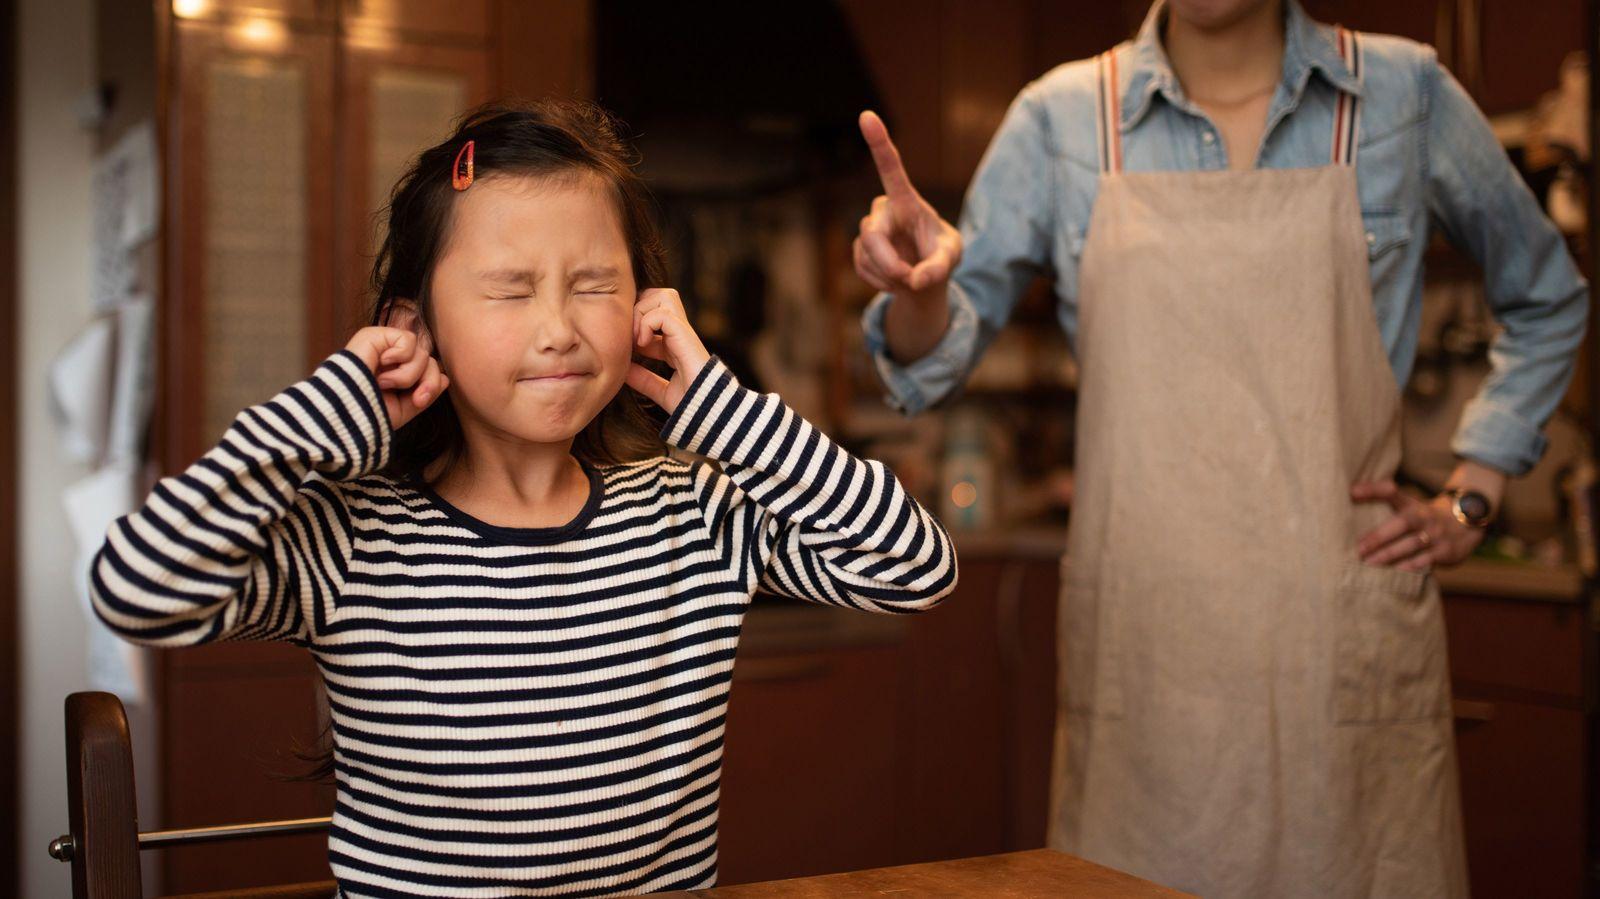 『子どもを叱り続ける「ダメダメ育児」から抜け出す魔法の言葉』それは「オーストラリア式声かけ」